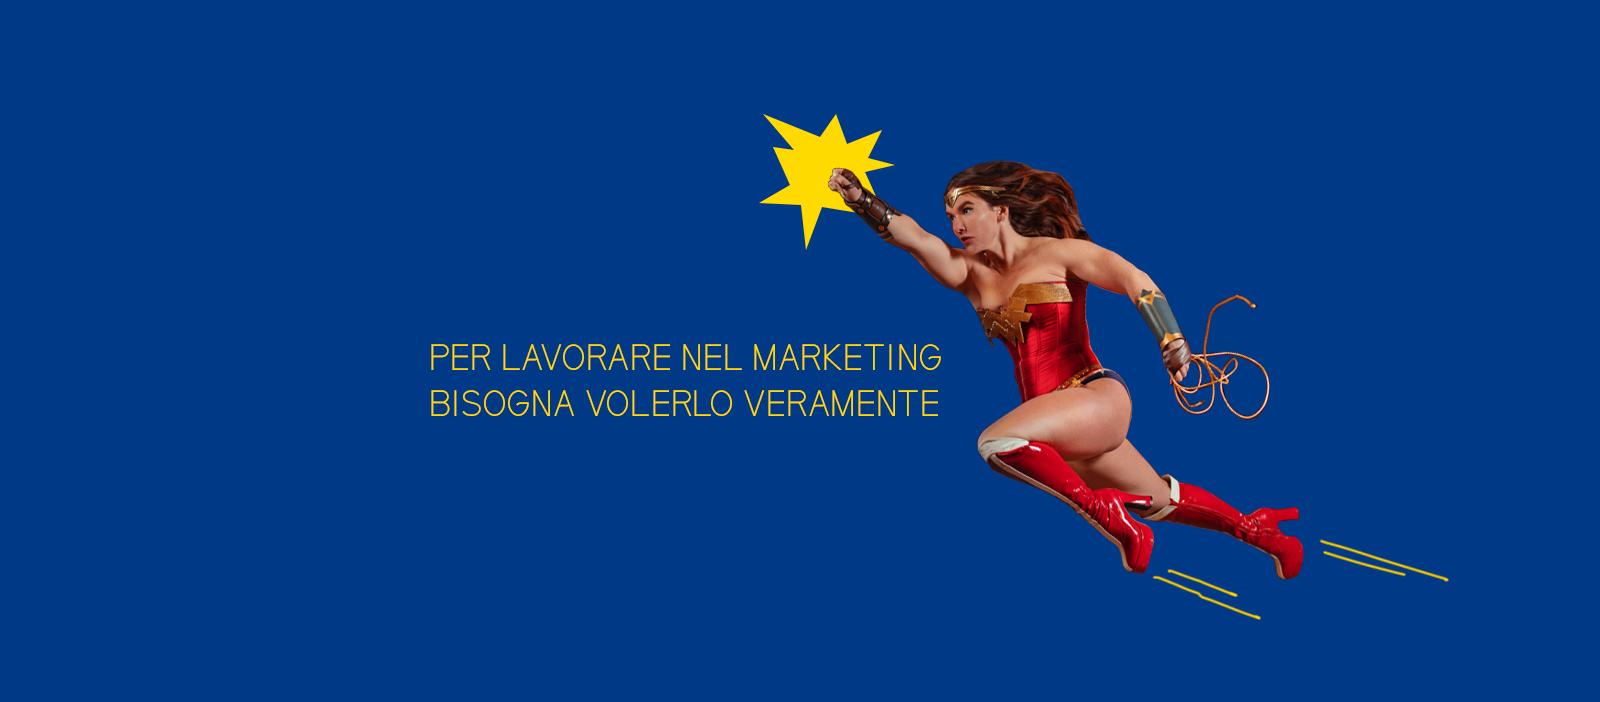 Per lavorare nel marketing (e con noi) bisogna volerlo veramente